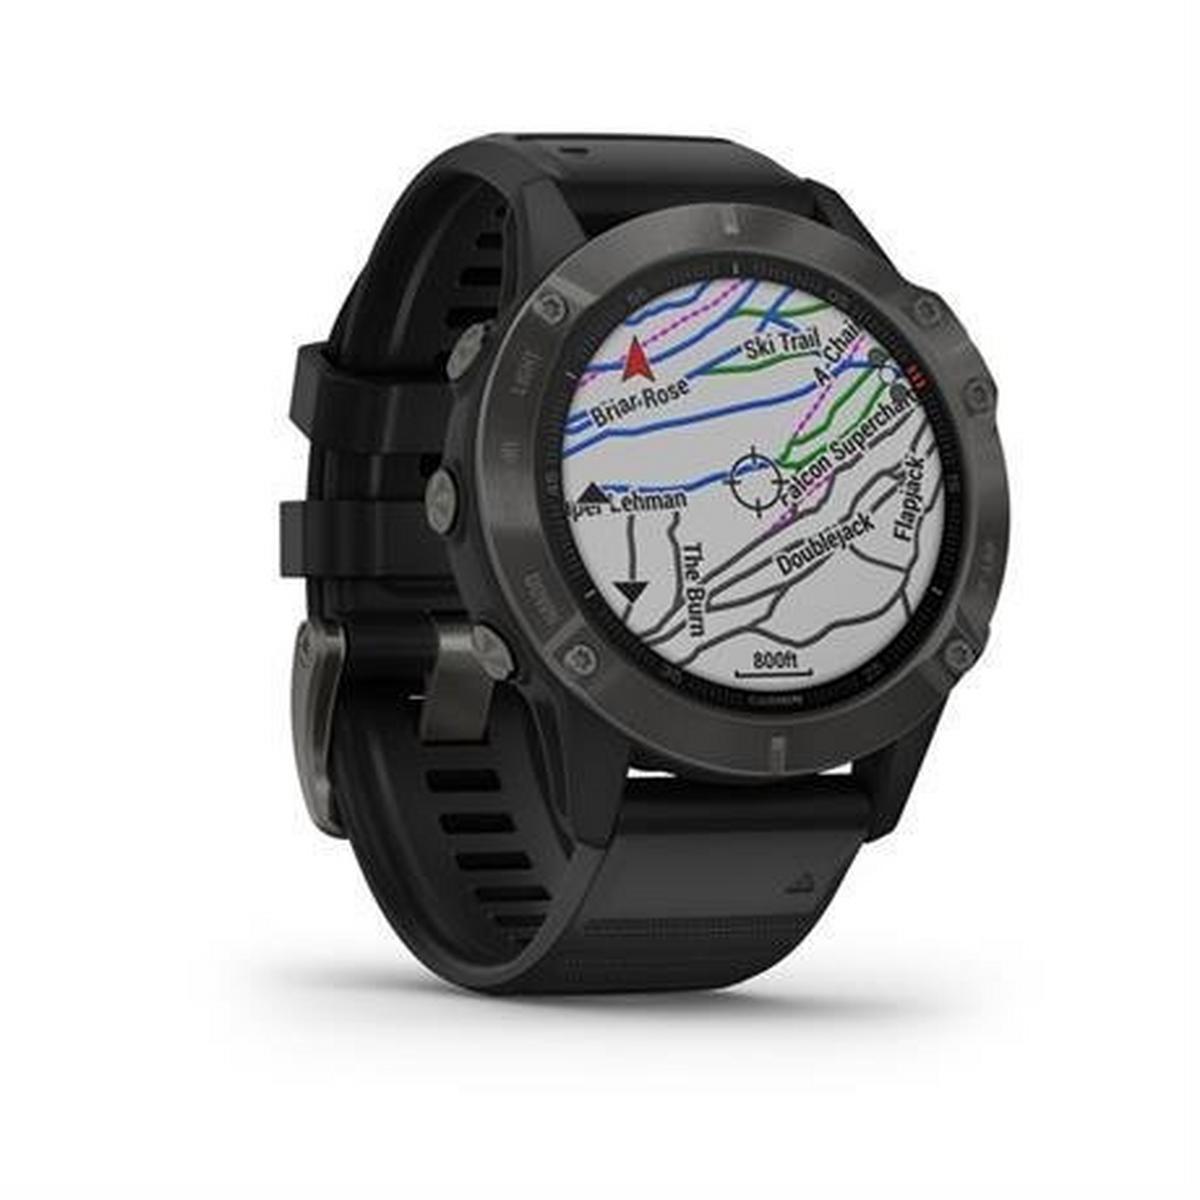 Garmin GPS Fenix 6 Sapphire Watch - Grey